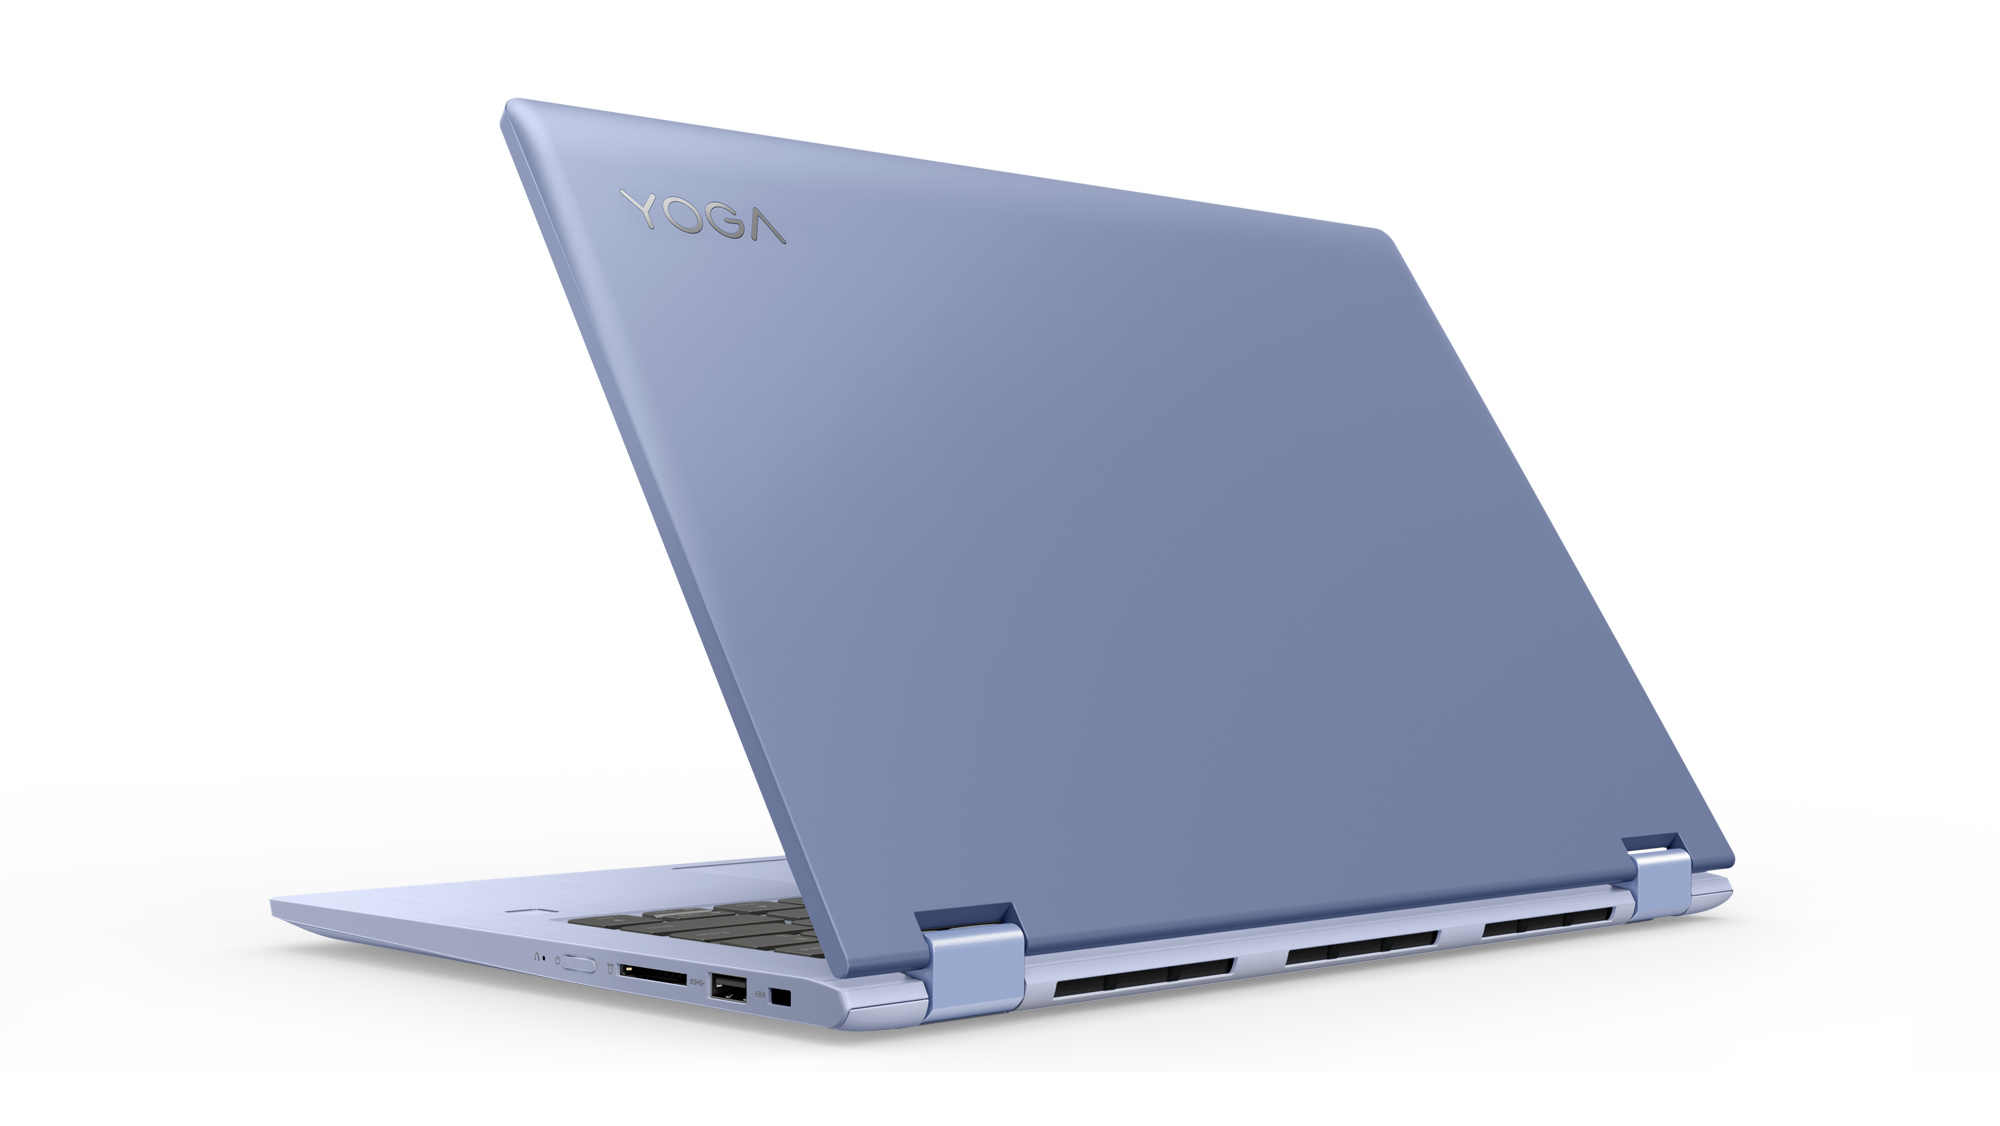 Lenovo Yoga 530 in Liquid Blue